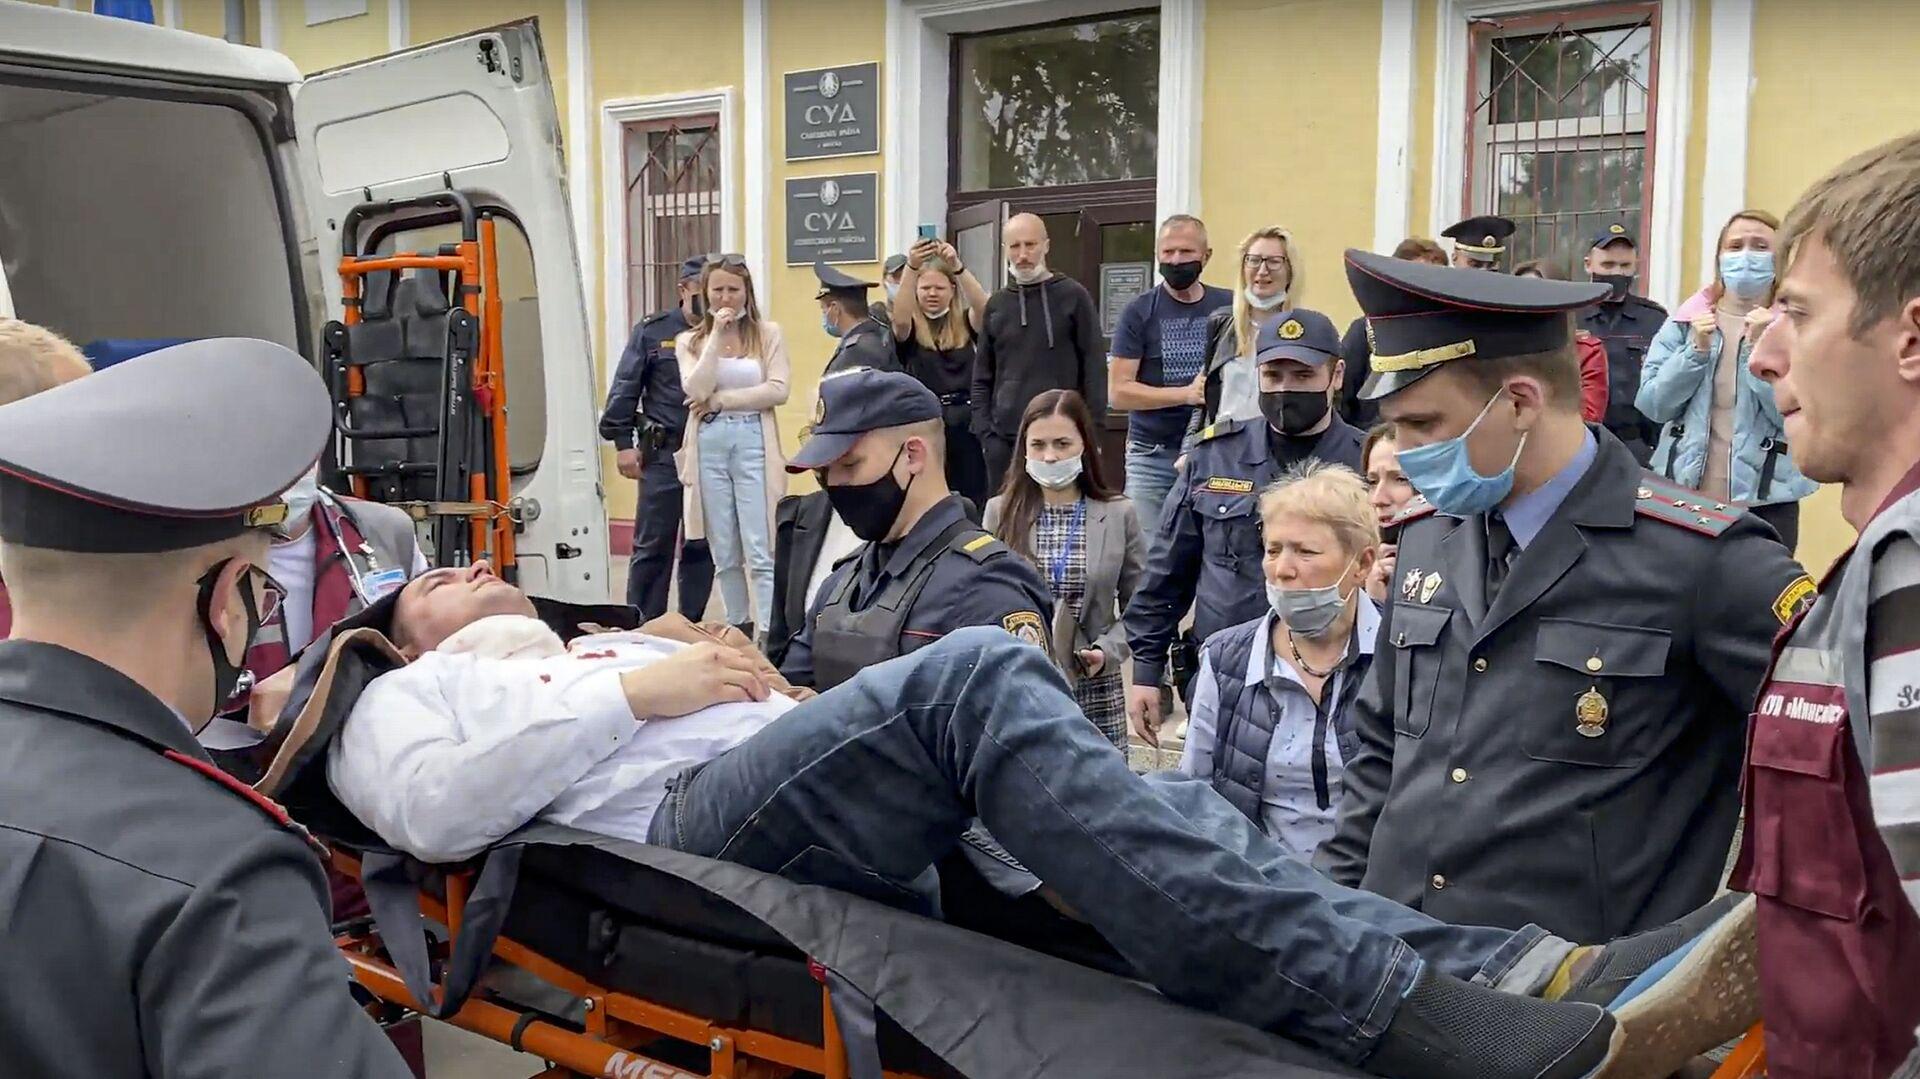 V Minsku se účastník protestních akcí pokusil spáchat sebevraždu v soudní síni - Sputnik Česká republika, 1920, 01.06.2021